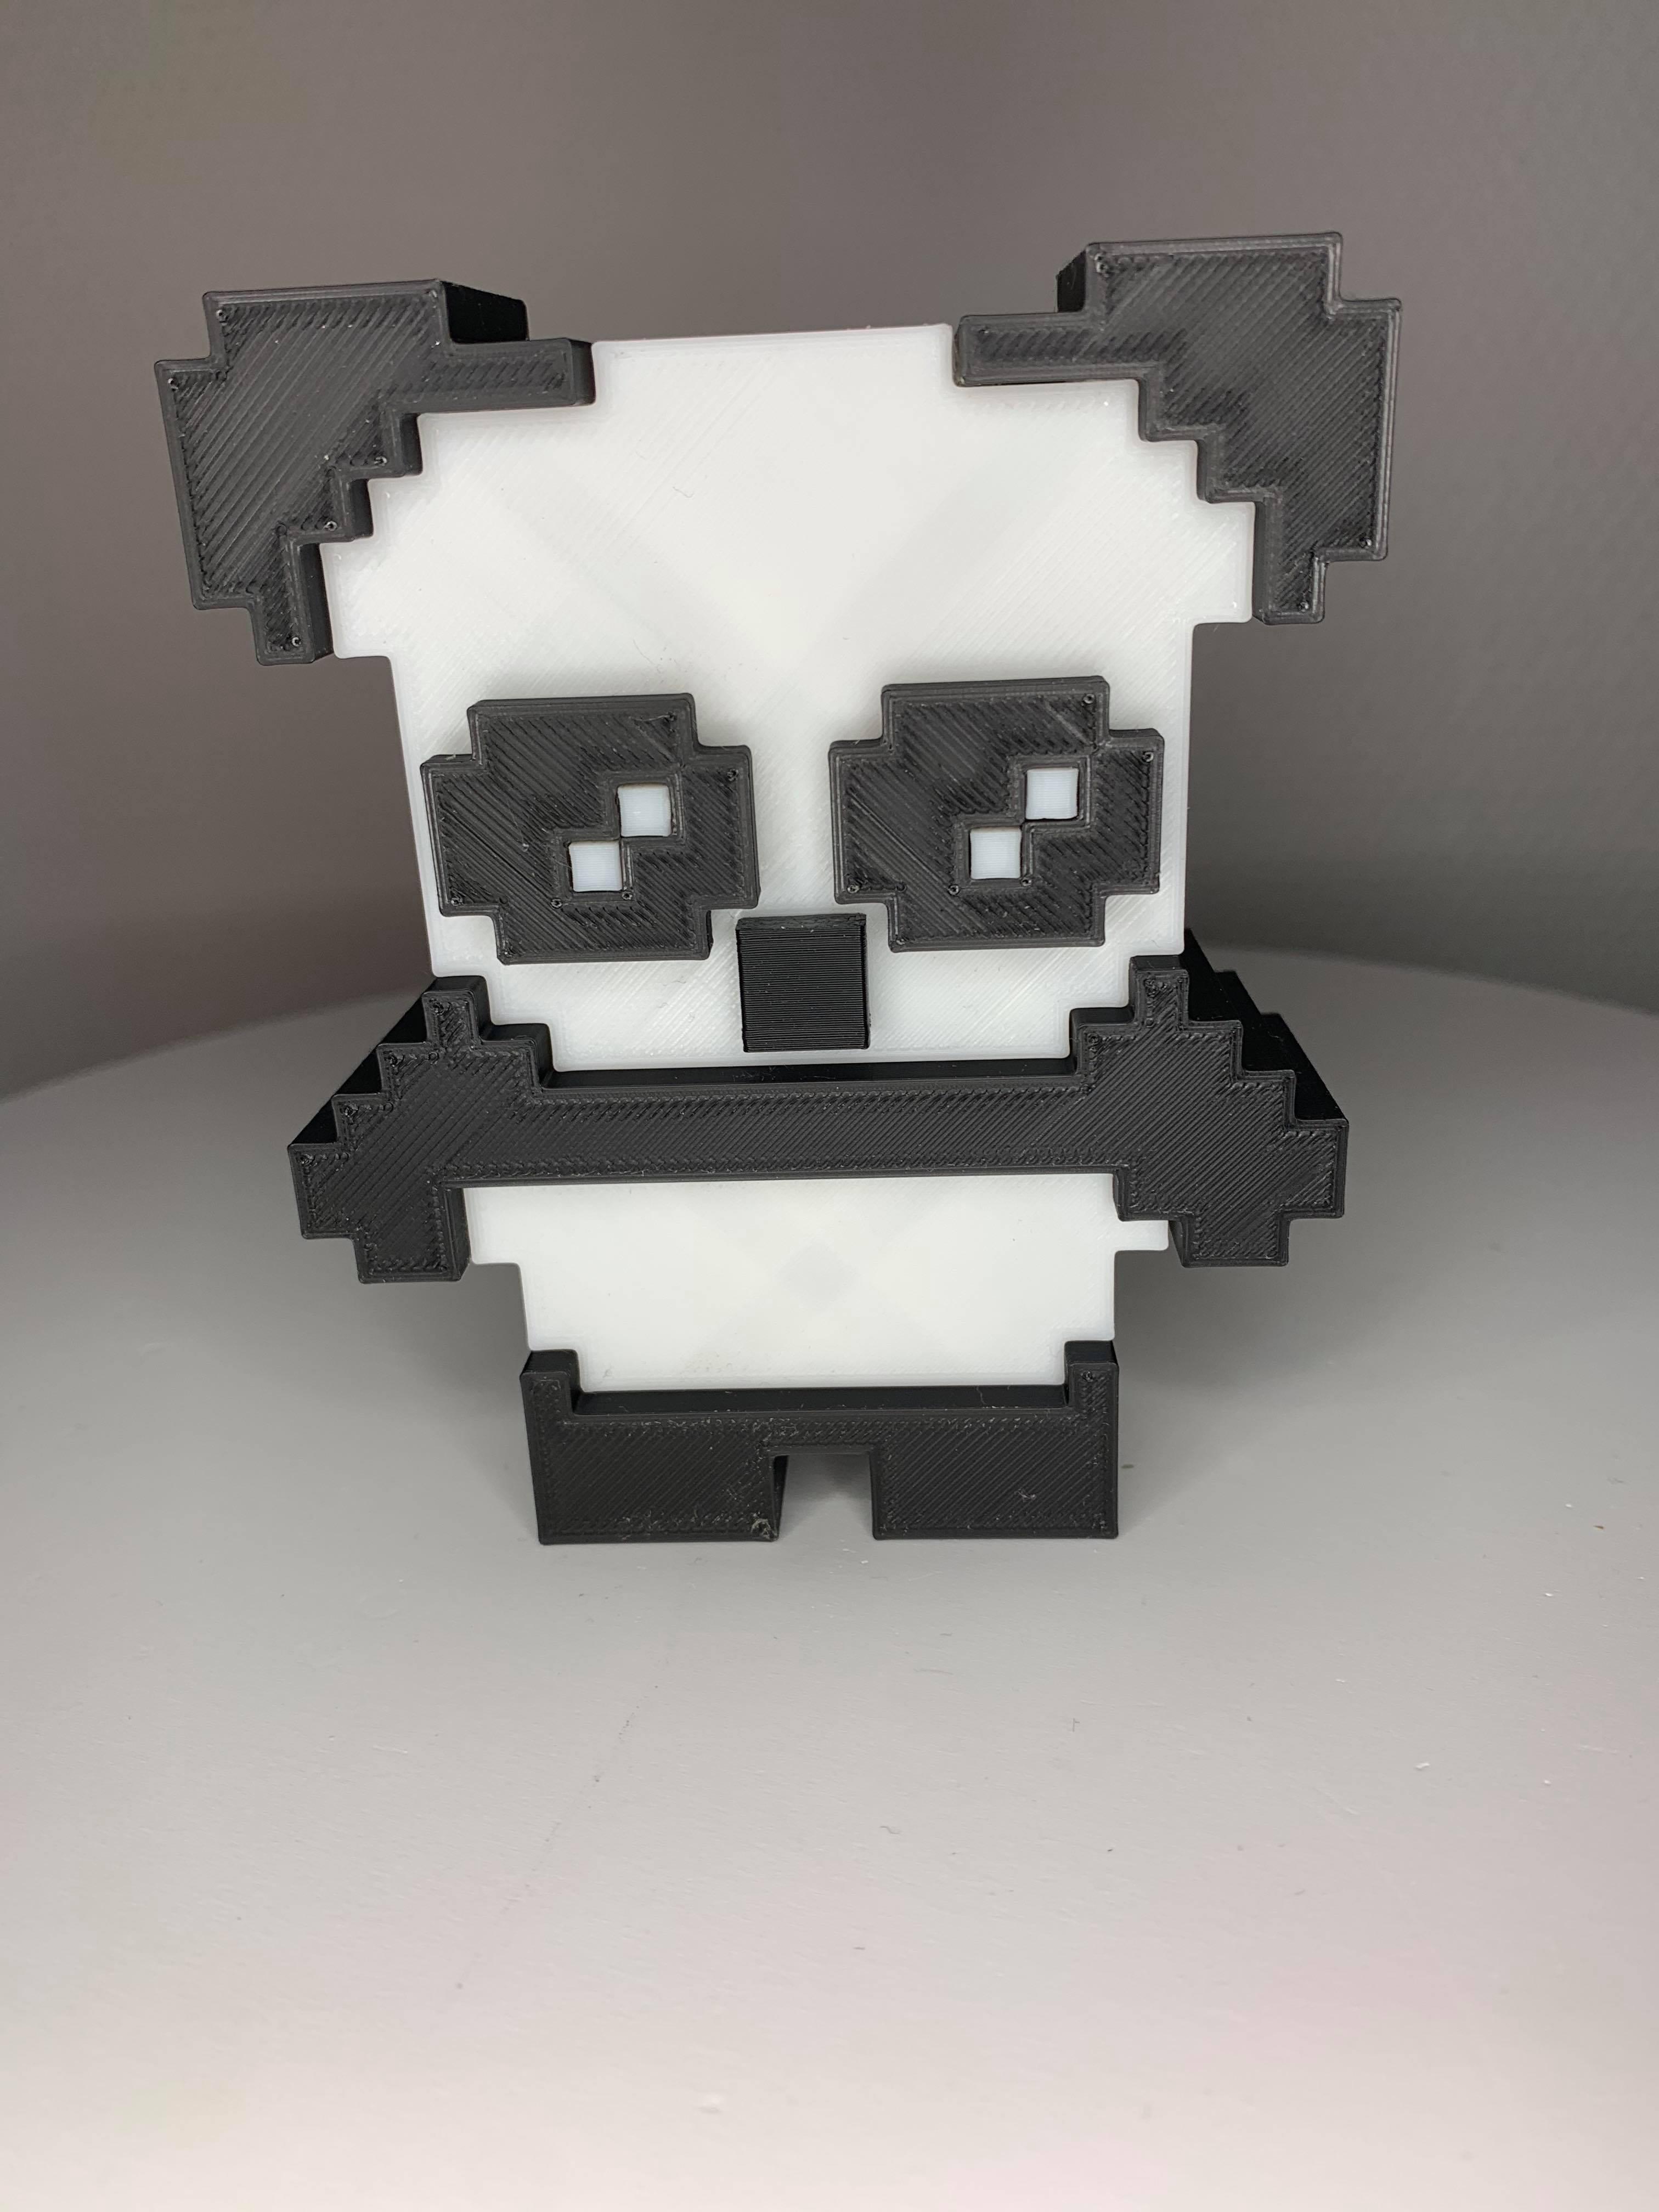 104746956_1163435167367619_831764346686614099_n.jpg Download OBJ file Panda & Keychains • 3D printable template, Ultipression3D